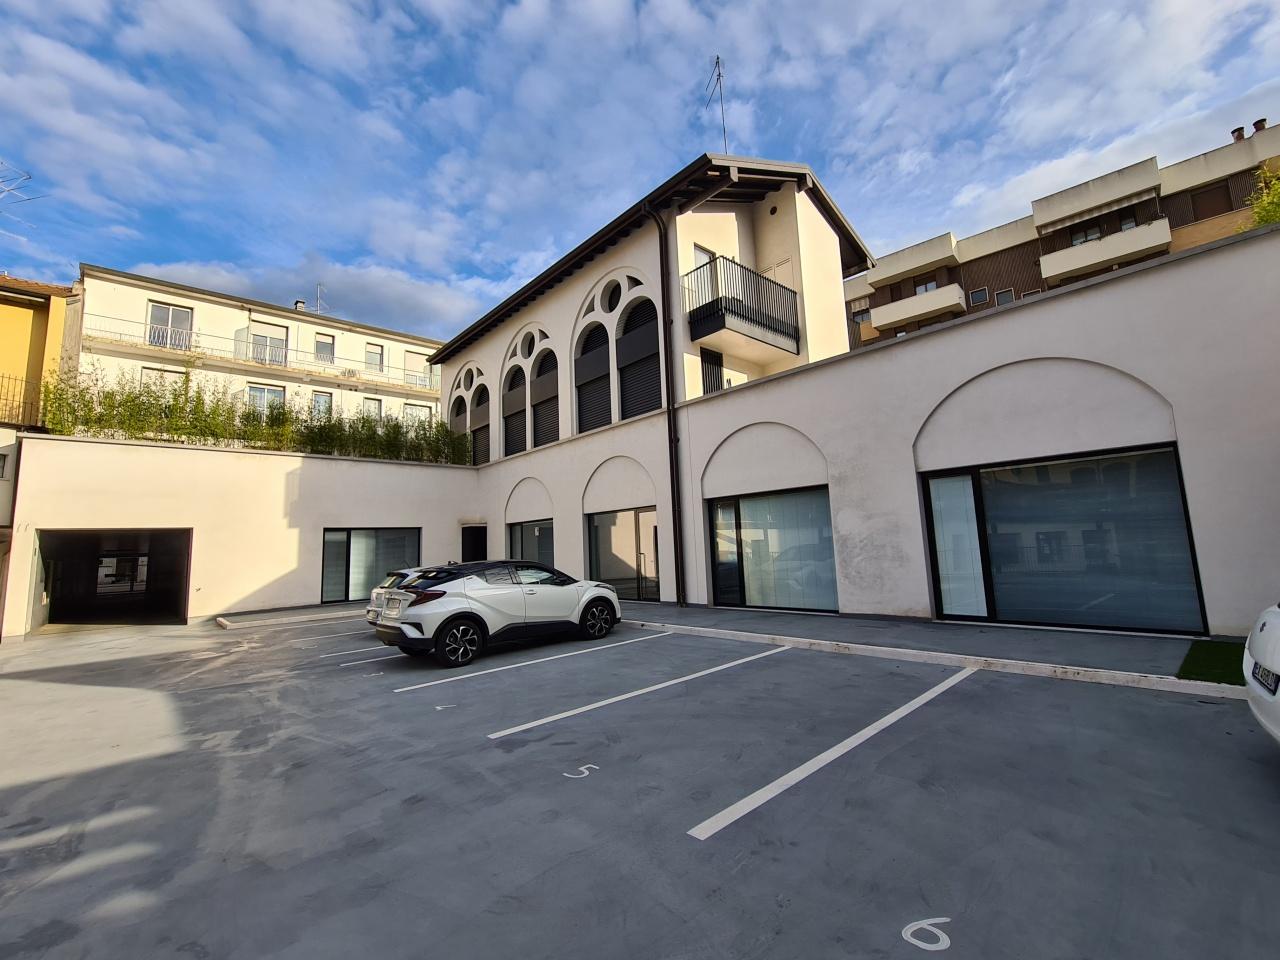 Ufficio / Studio in vendita a Bergamo, 6 locali, prezzo € 690.000 | PortaleAgenzieImmobiliari.it